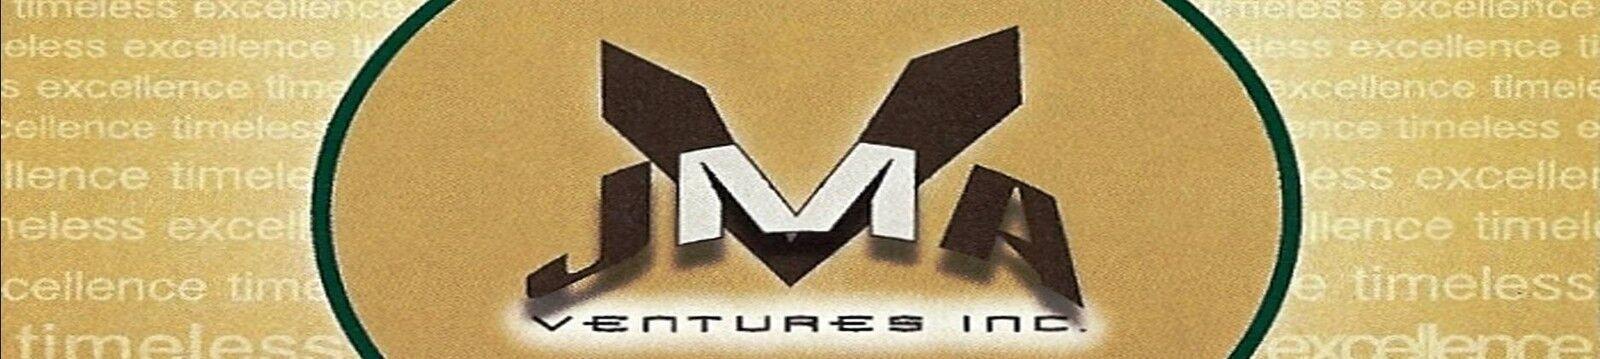 JMA Ventures Inc